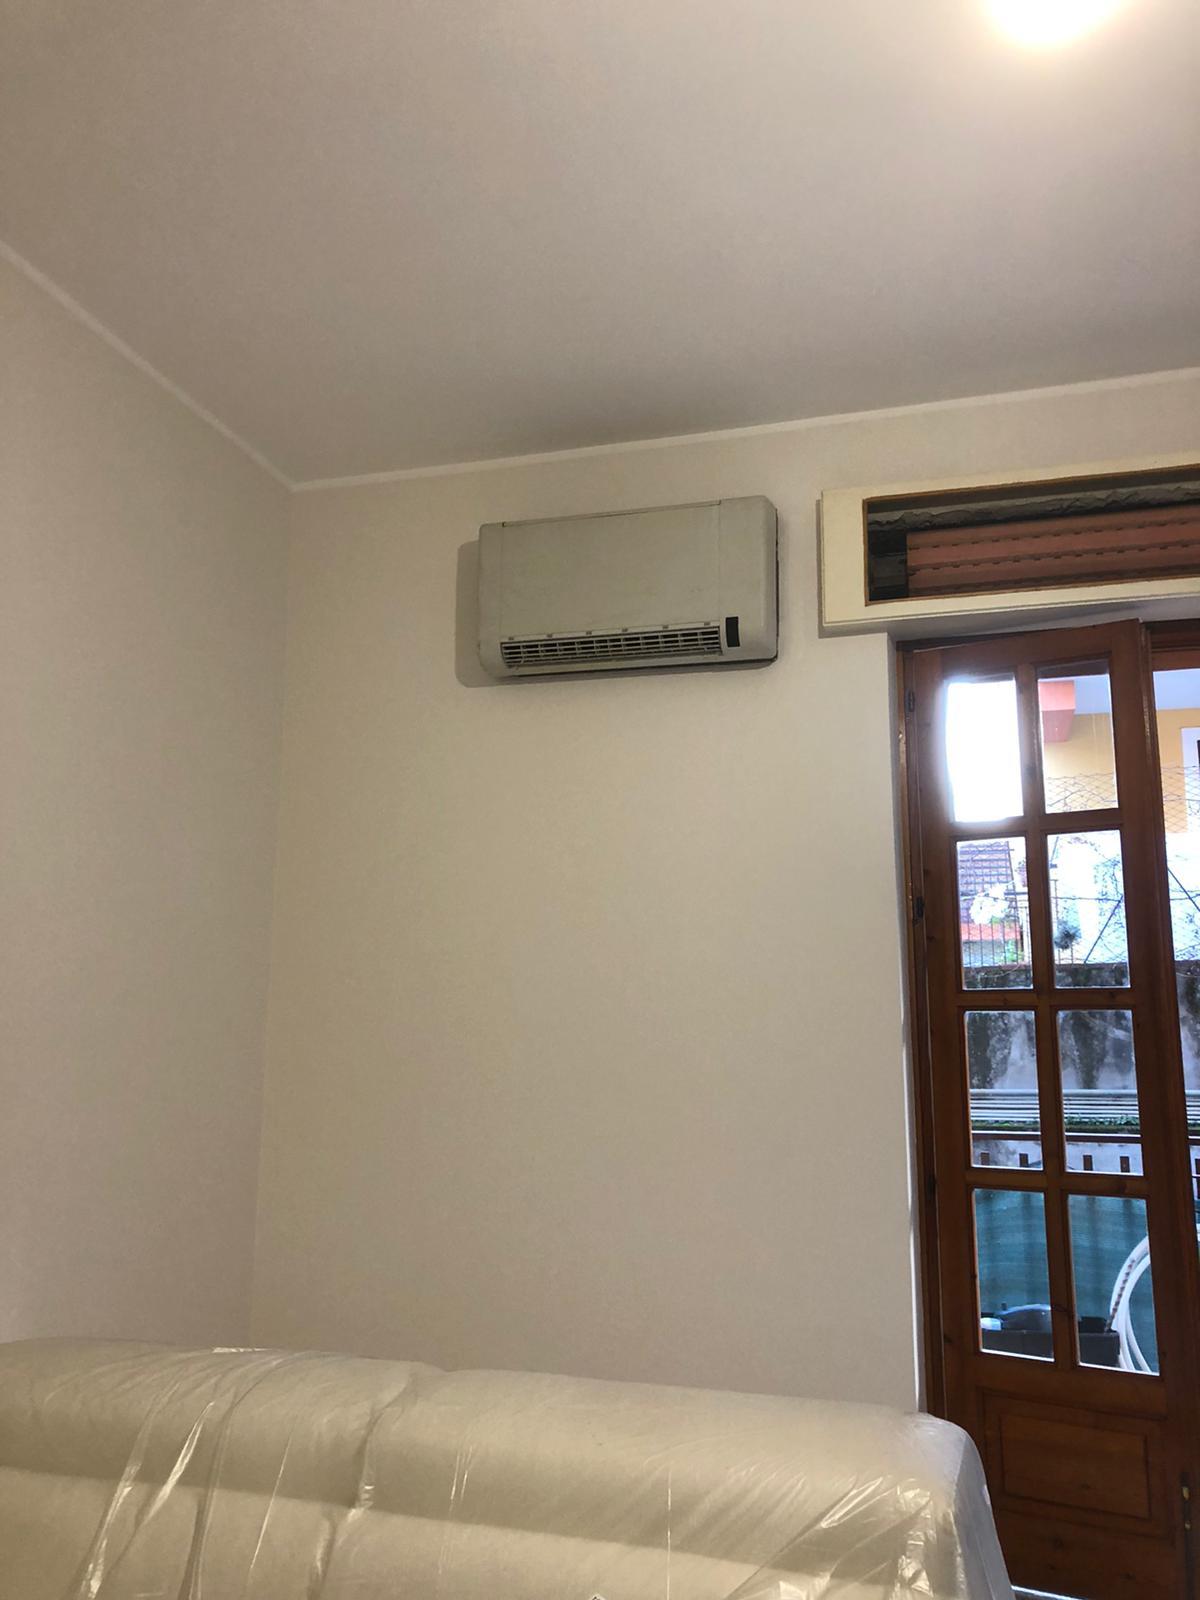 unità interna vecchio climatizzatore